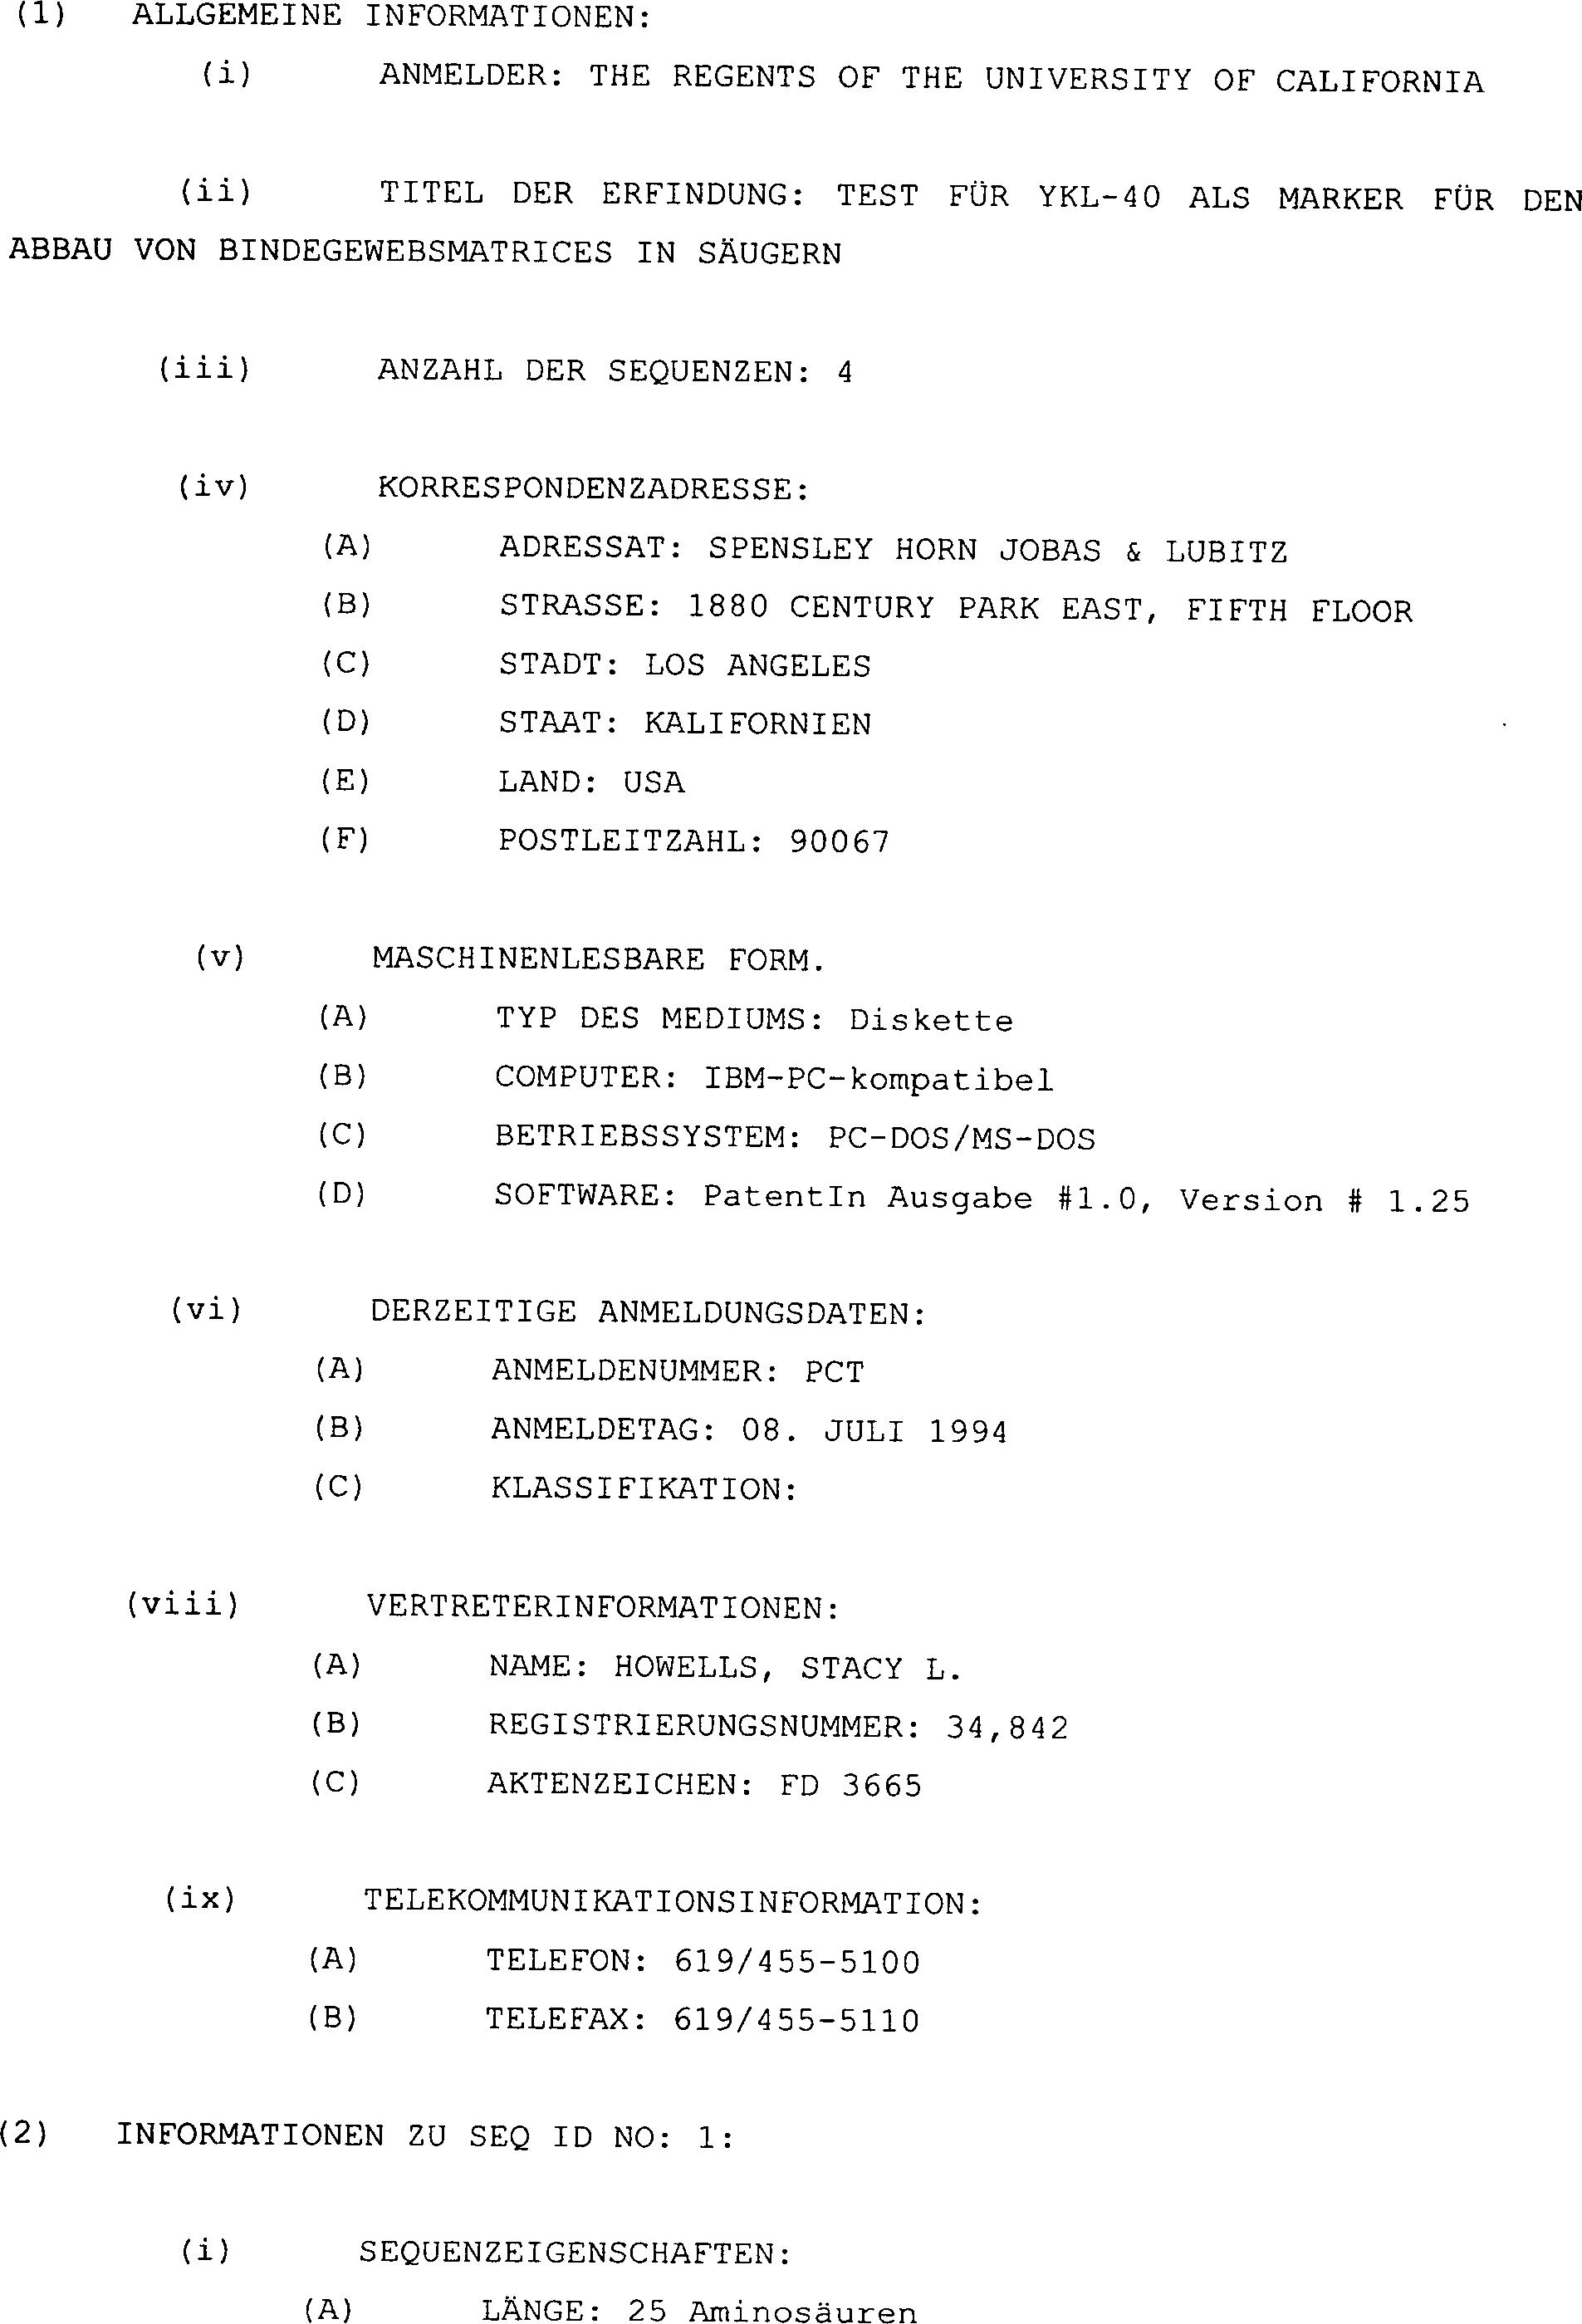 Atemberaubend Wiederholte Zugabe Einer Tabelle 1 Jahr Galerie ...